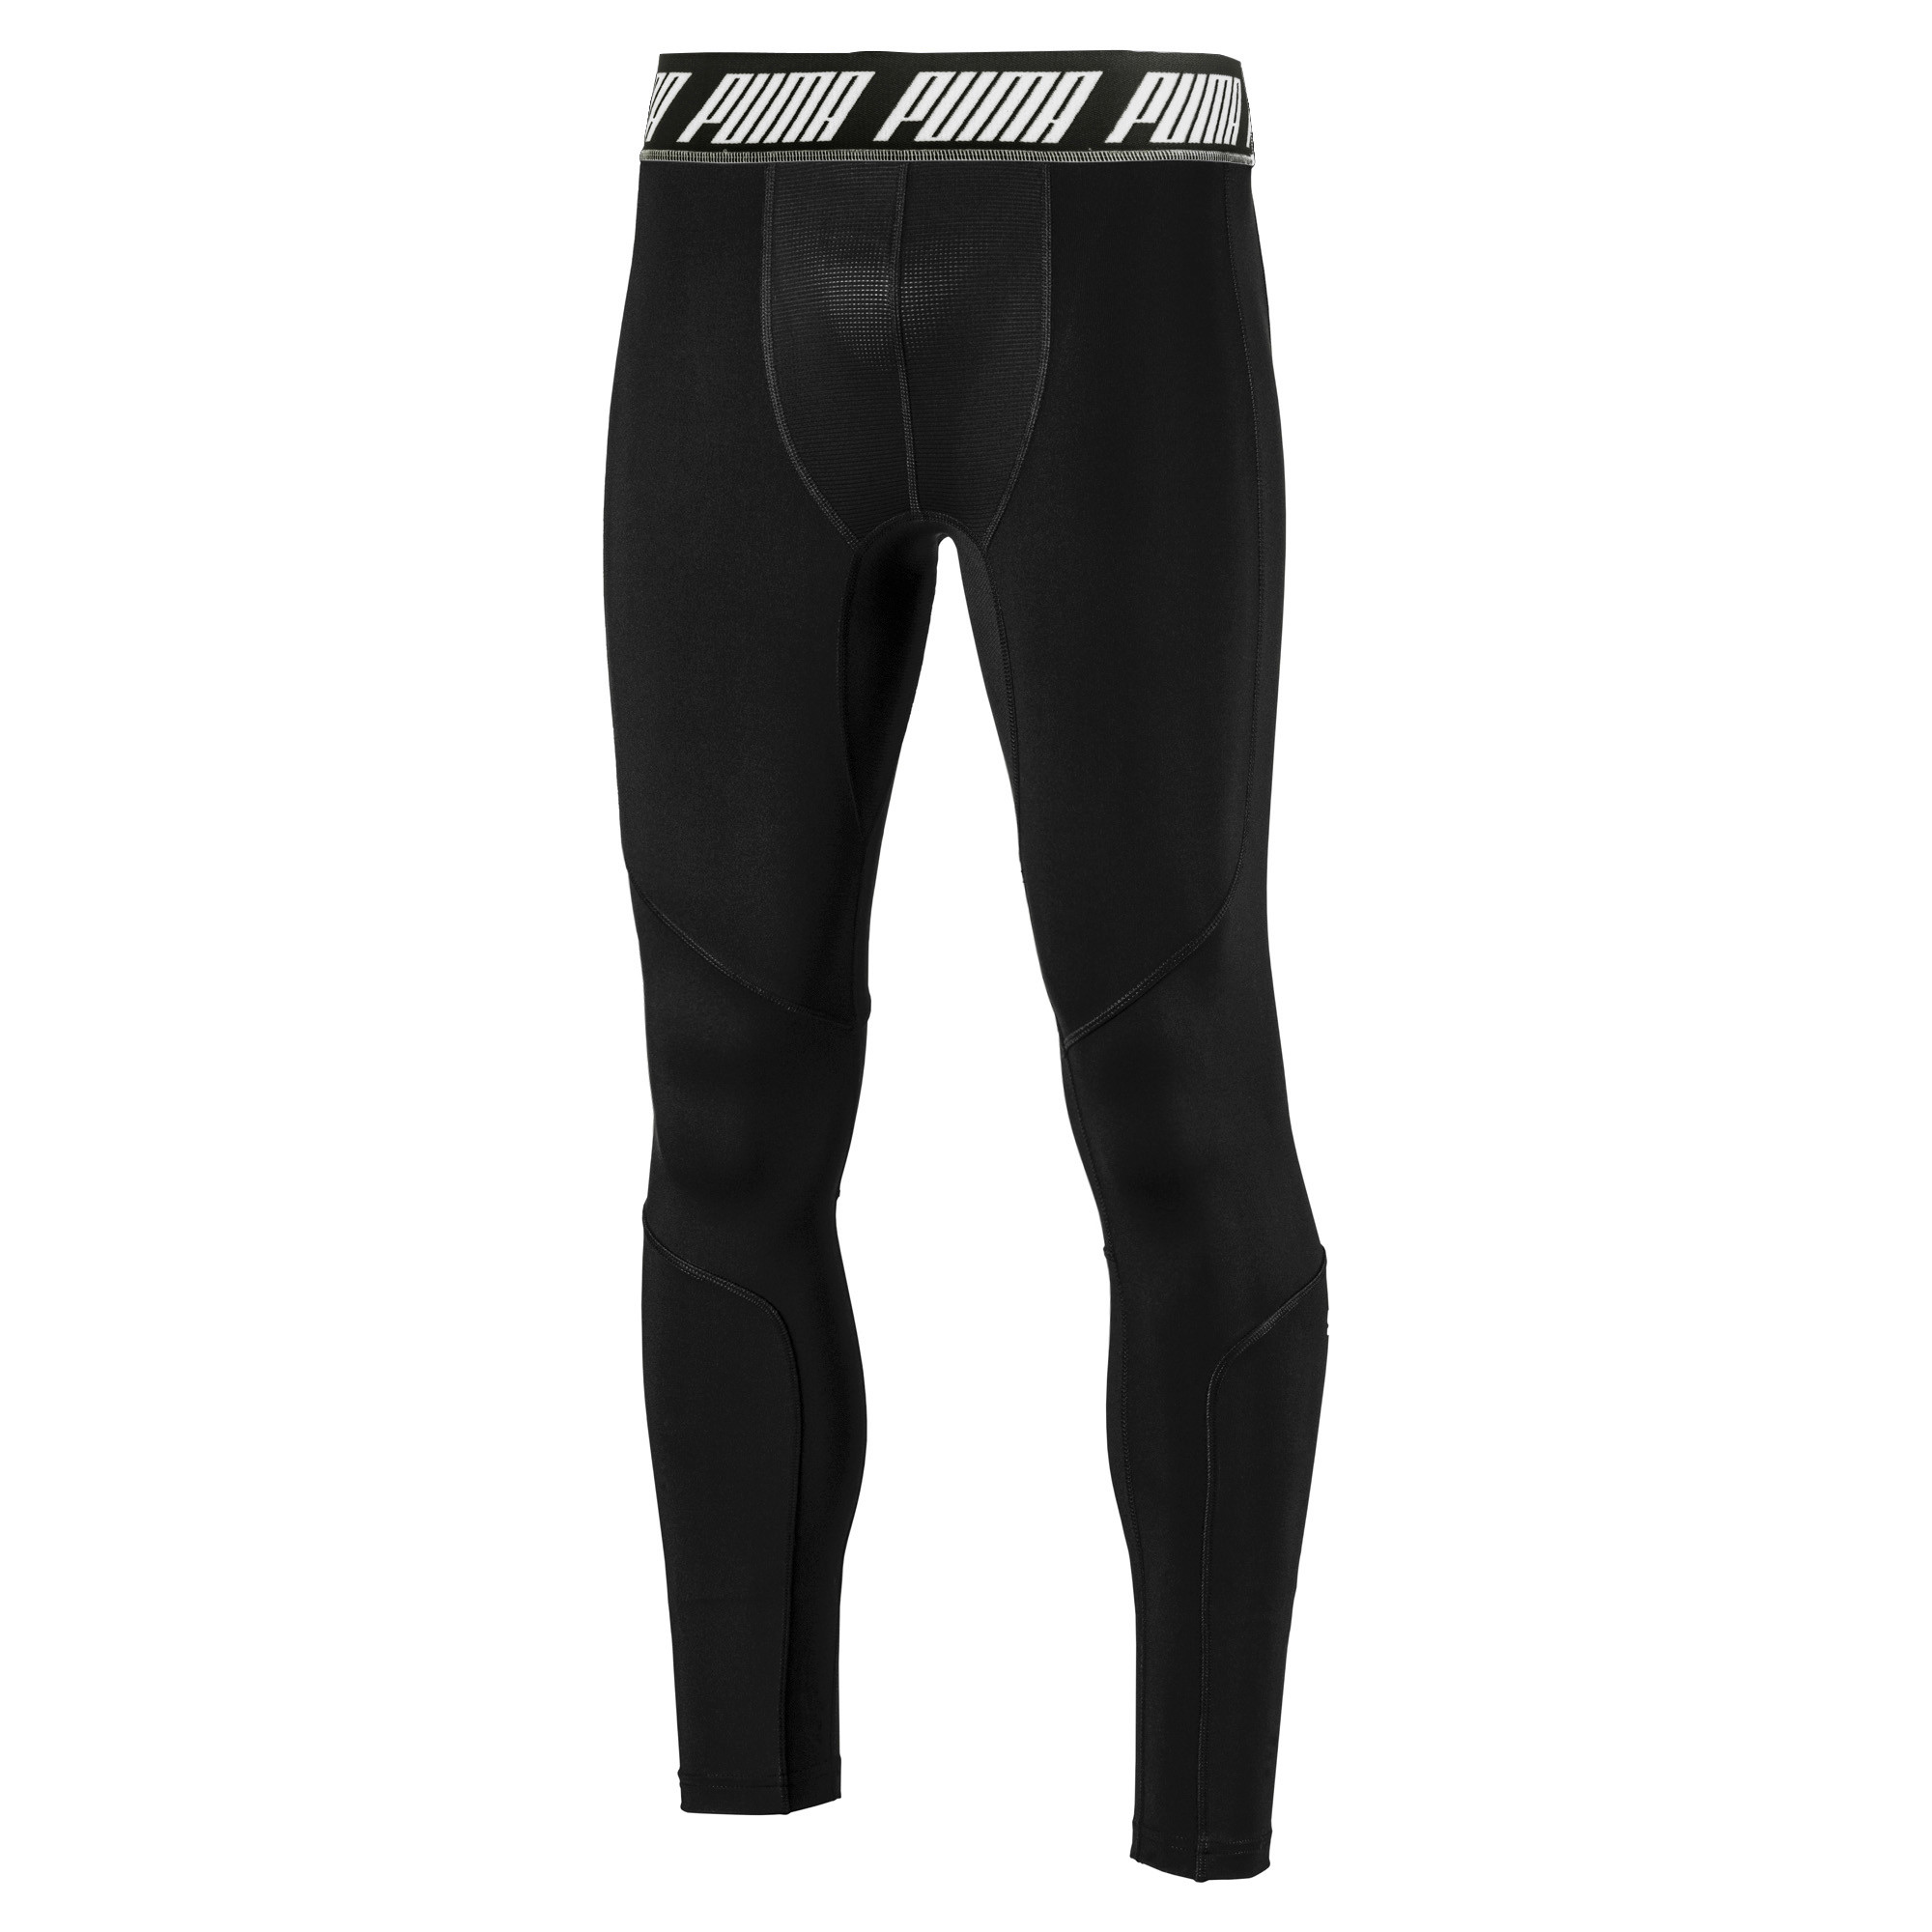 【プーマ公式通販】 プーマ エナジー テック タイツ メンズ Puma Black  PUMA.com